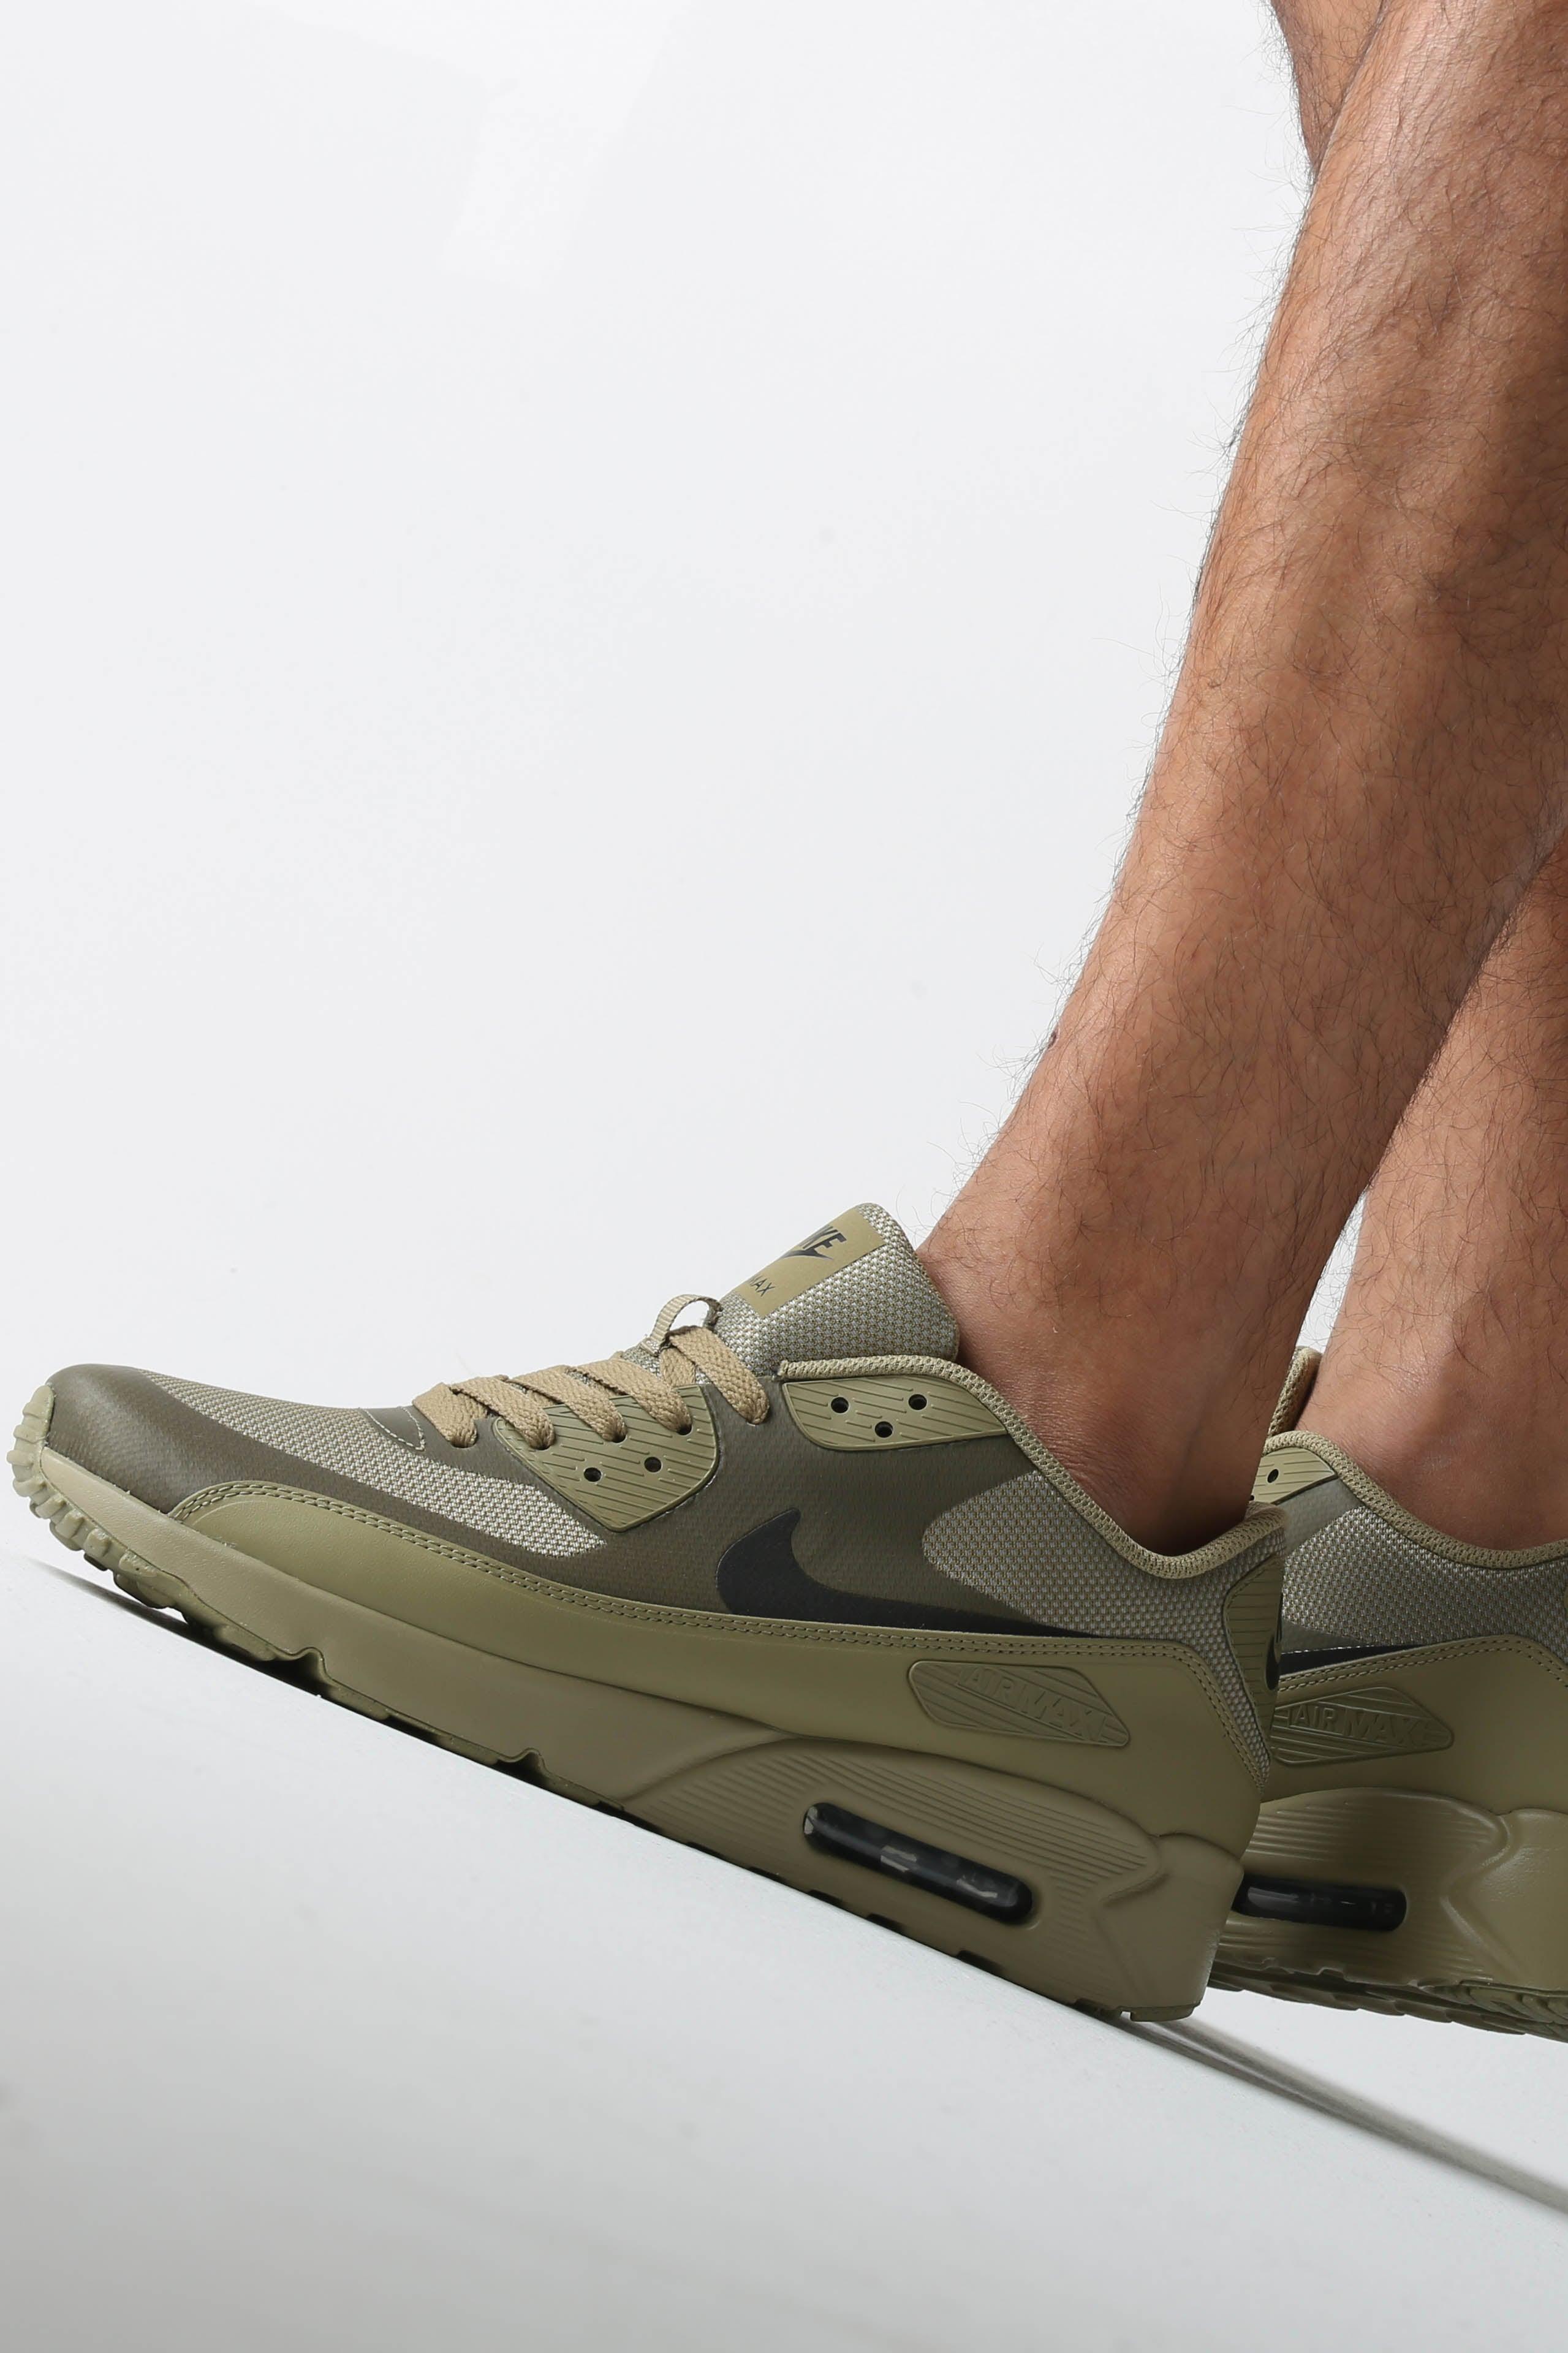 Nike Air Max 90 ULTRA 2.0 Essential Two tone Bottom Air